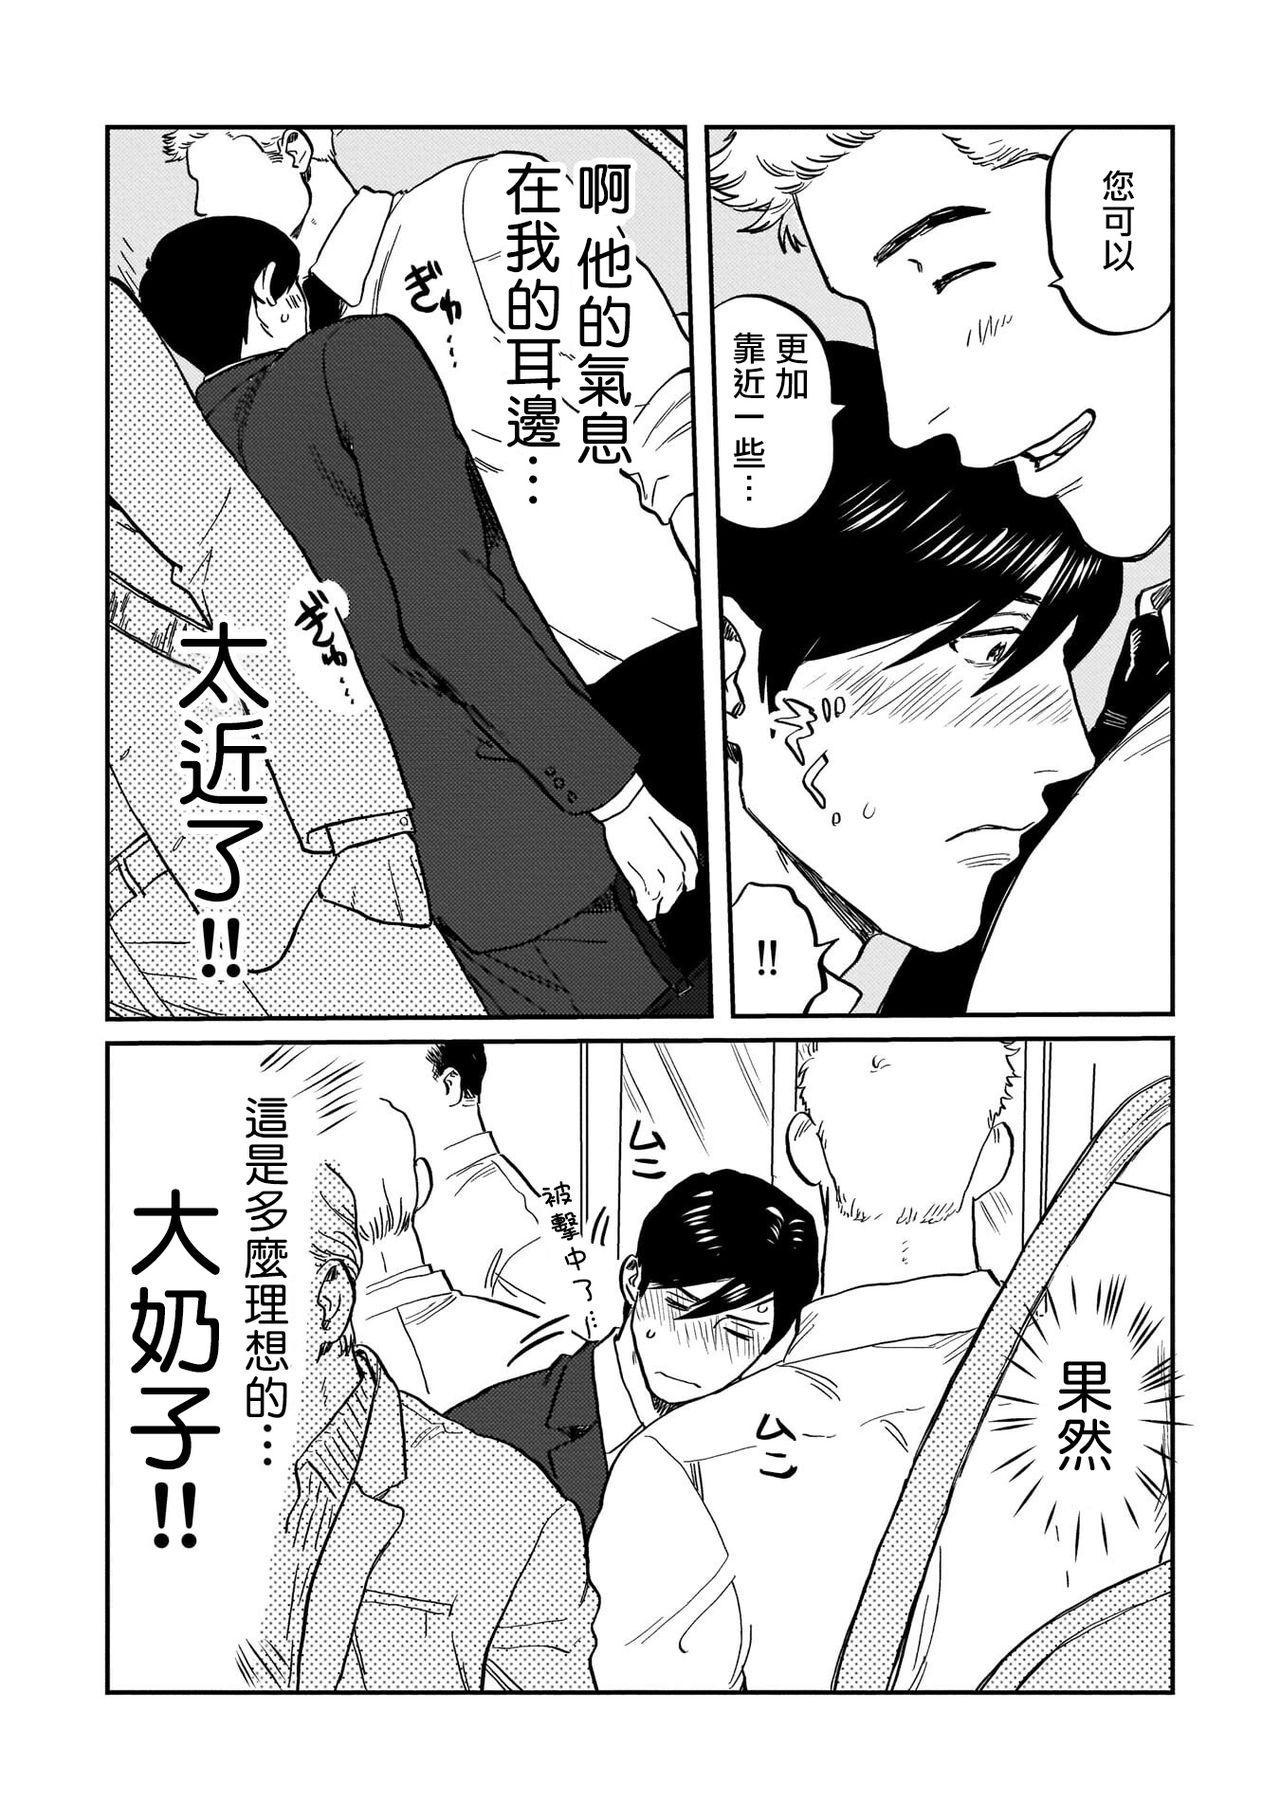 Kouhai no Oppai ga Suki Sugiru | 我太喜欢后辈的奶子了 Ch. 1-2 43